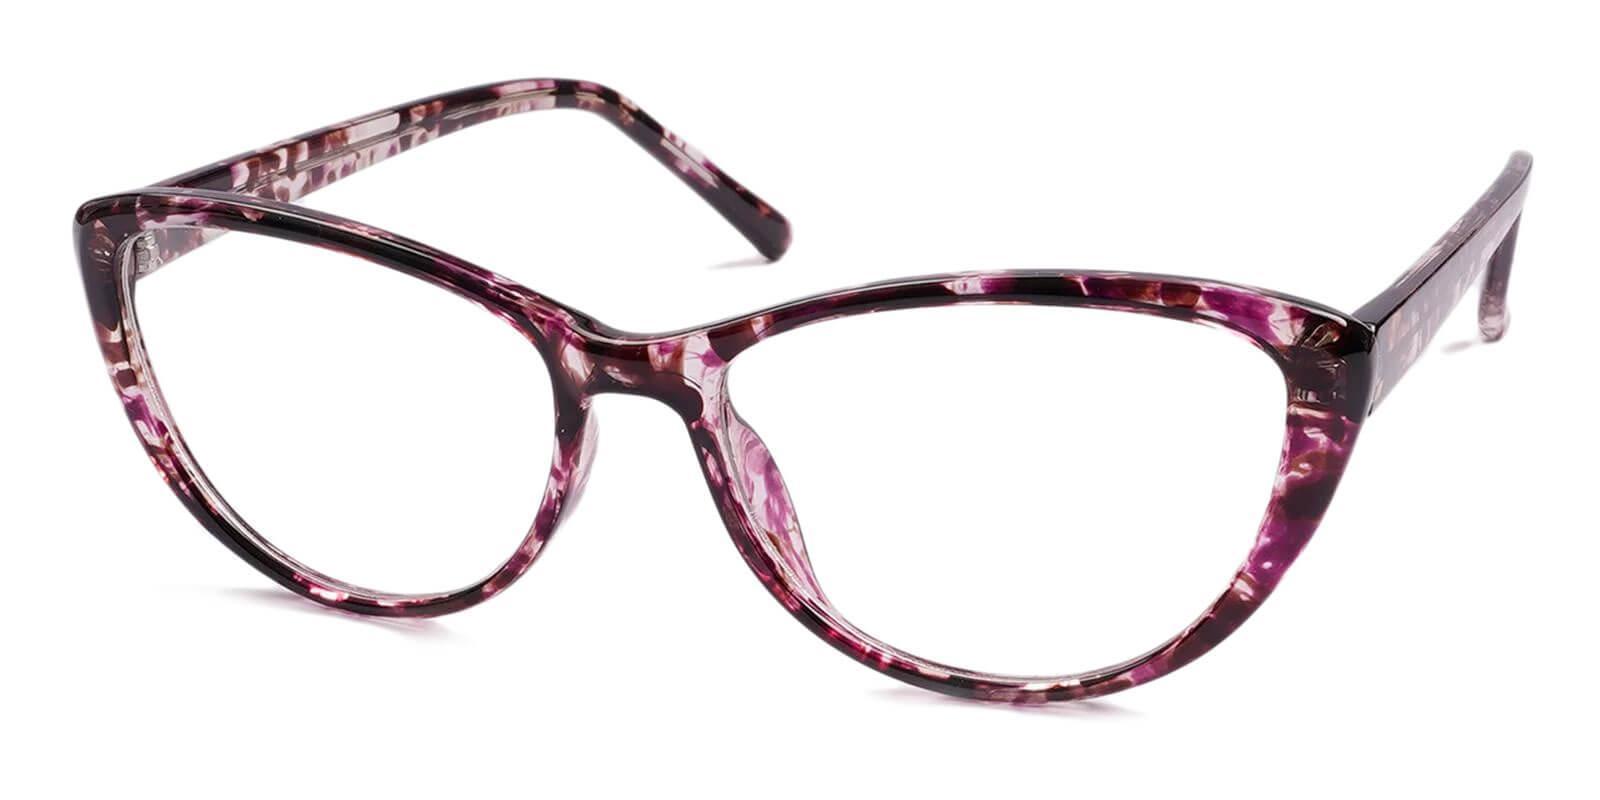 Slackey-Purple-Oval / Cat-Acetate-Eyeglasses-additional1